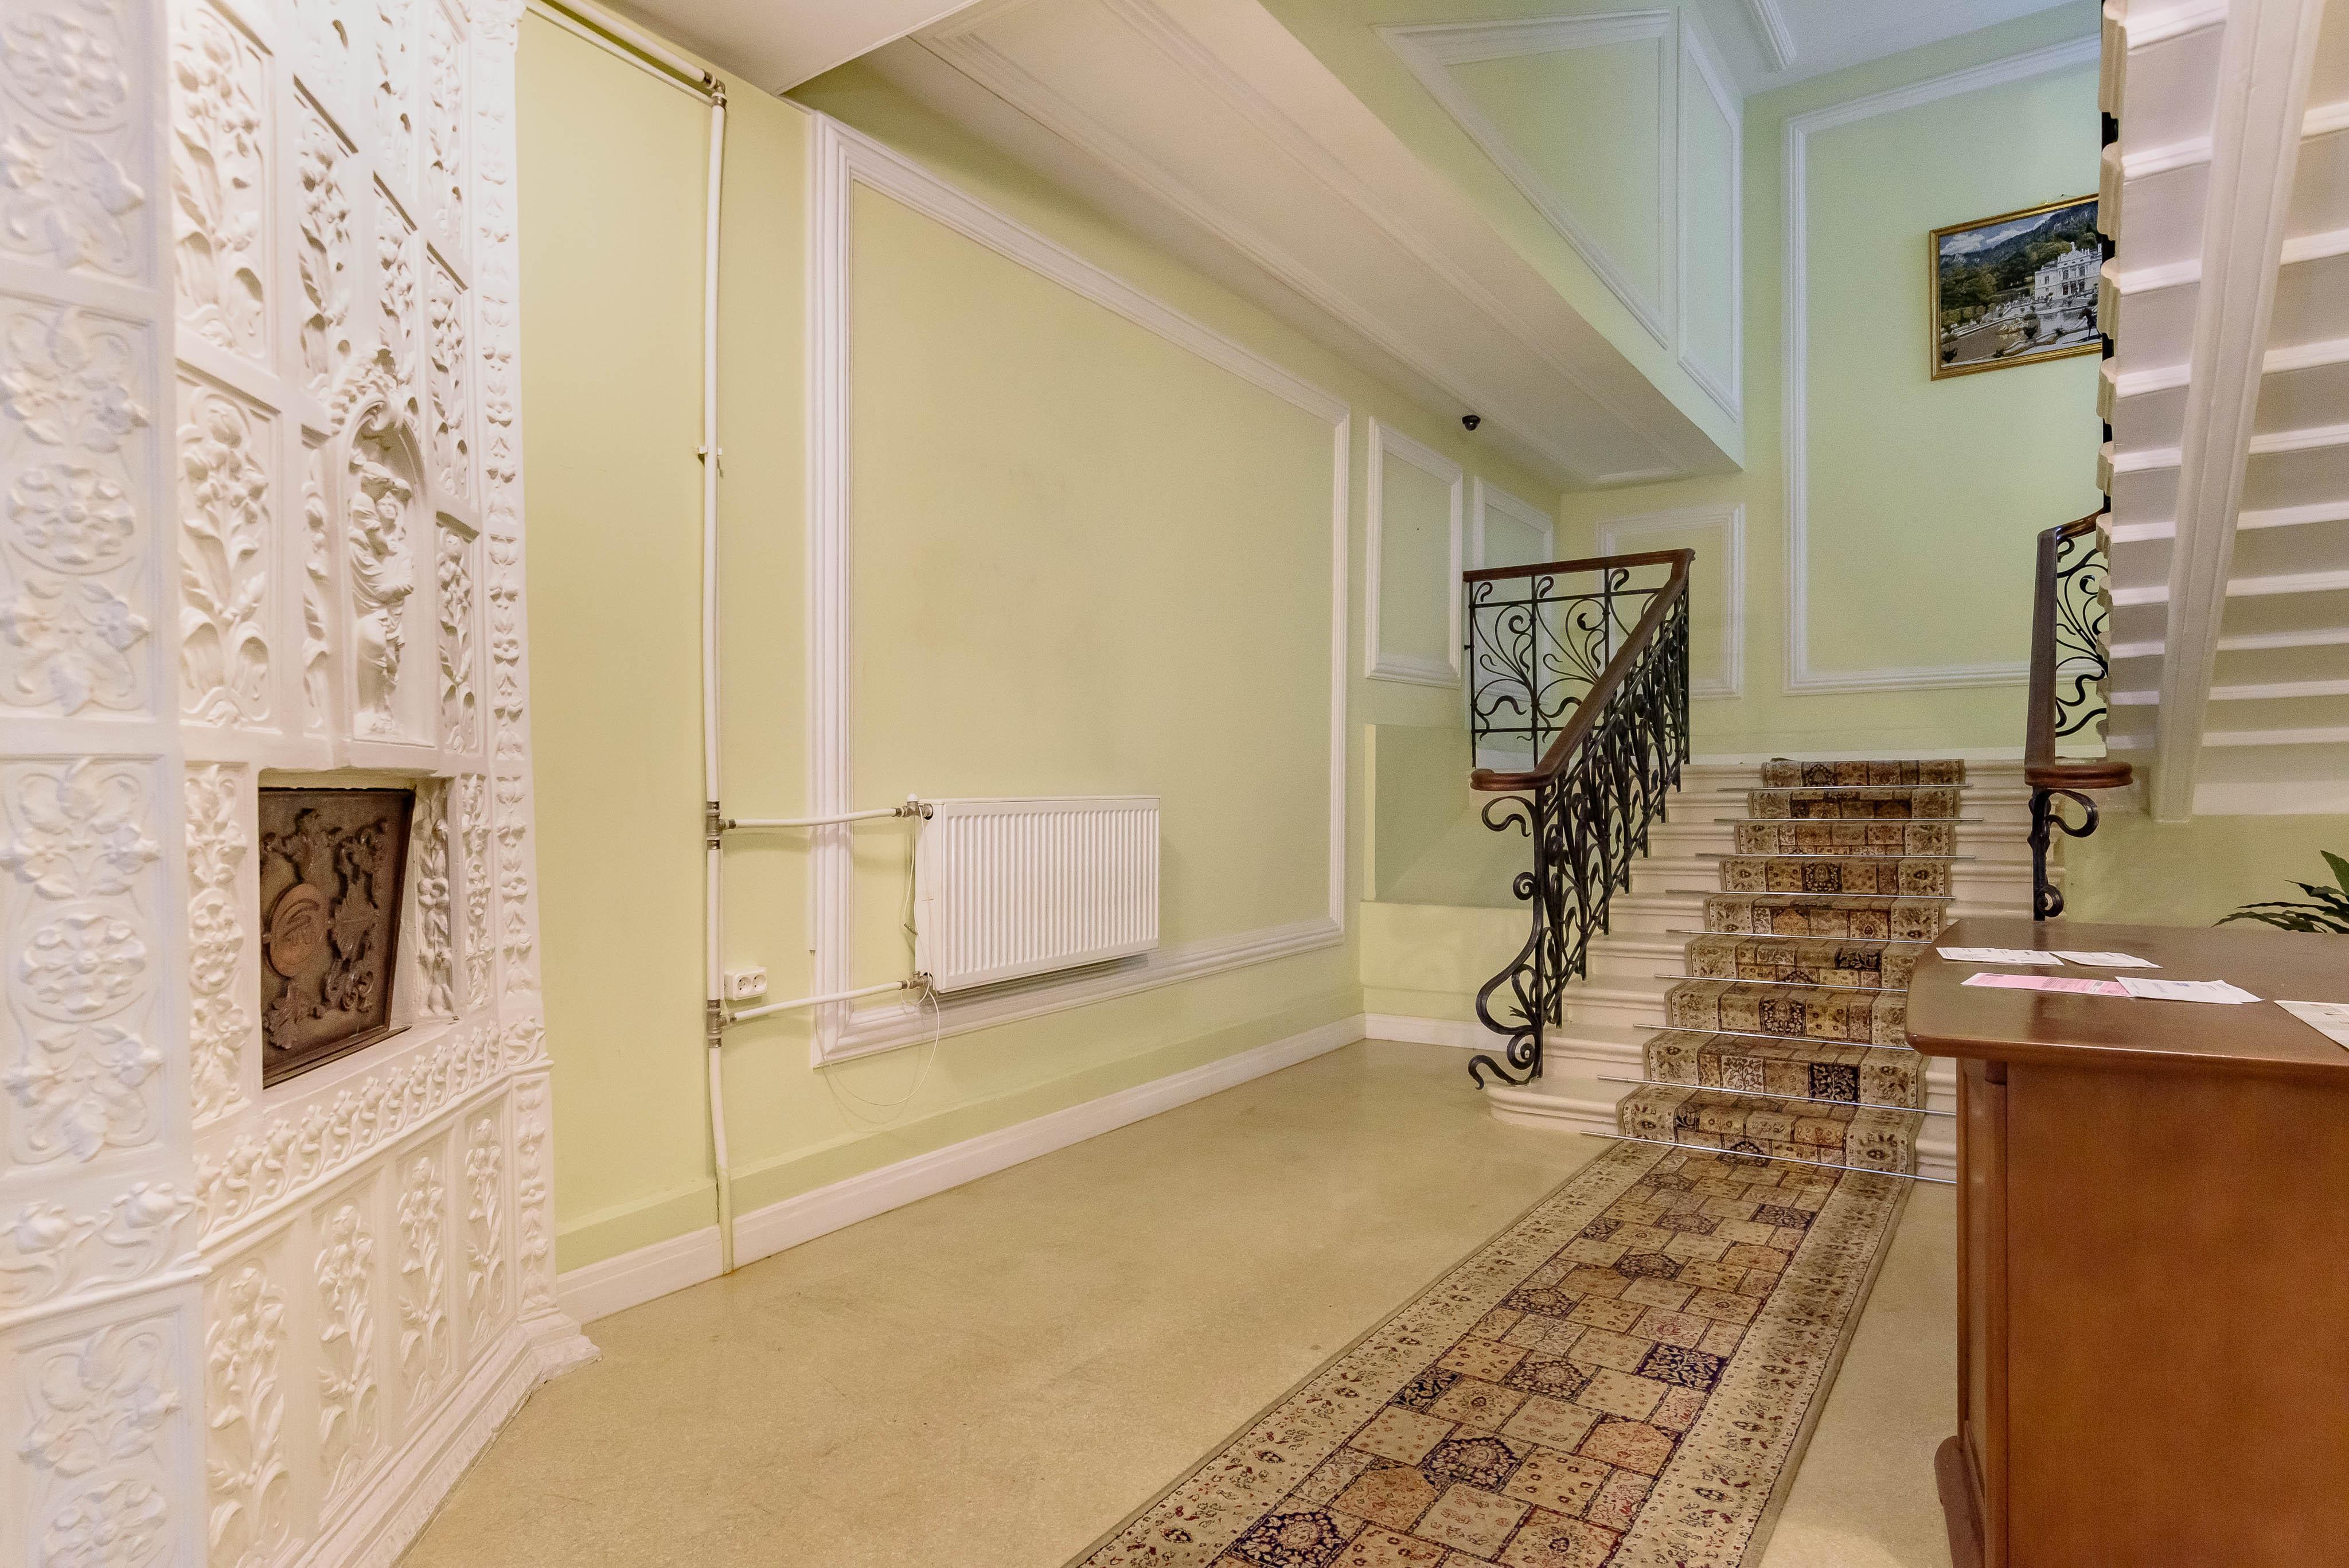 Квадратные мэтры: особняк на «Чернышевской» с печами, кариатидами и совой в холле